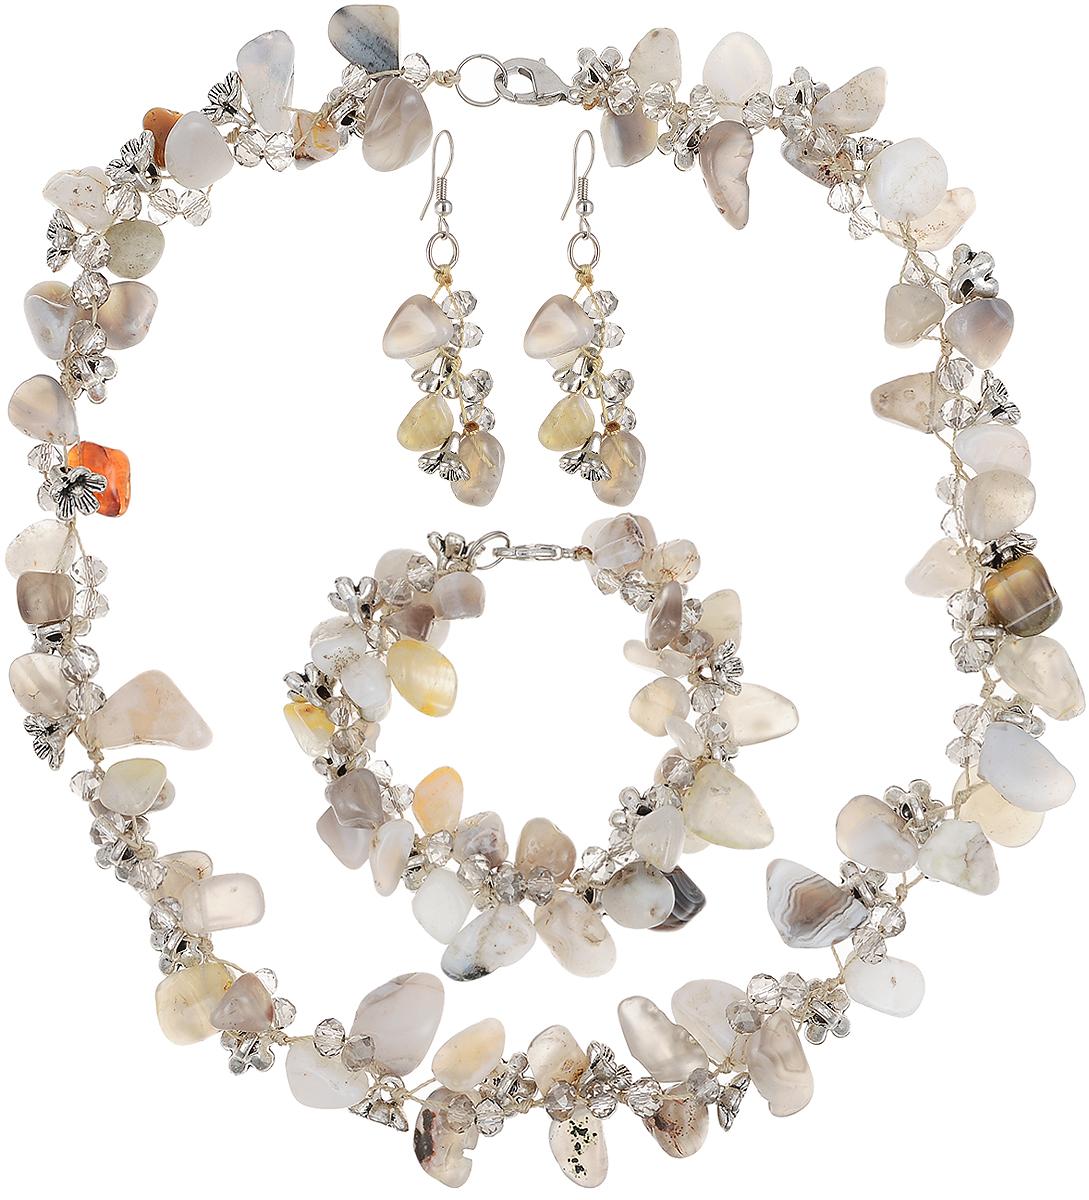 Комплект бижутерии Art-Silver: ожерелье, браслет, серьги, цвет: серый. СМЦ36-6-956СМЦ36-6-956Великолепный комплект бижутерии Art-Silver состоит из оригинального ожерелья, сережек и браслета. Изделия выполнены из бижутерного сплава, камня халцедона и кристаллов. Серьги дополнены удобным замком-петлей, что обеспечивает надежное удержание серьги. Колье застегивается на застежку-карабин. Браслет так же застегивается на замок-карабин.